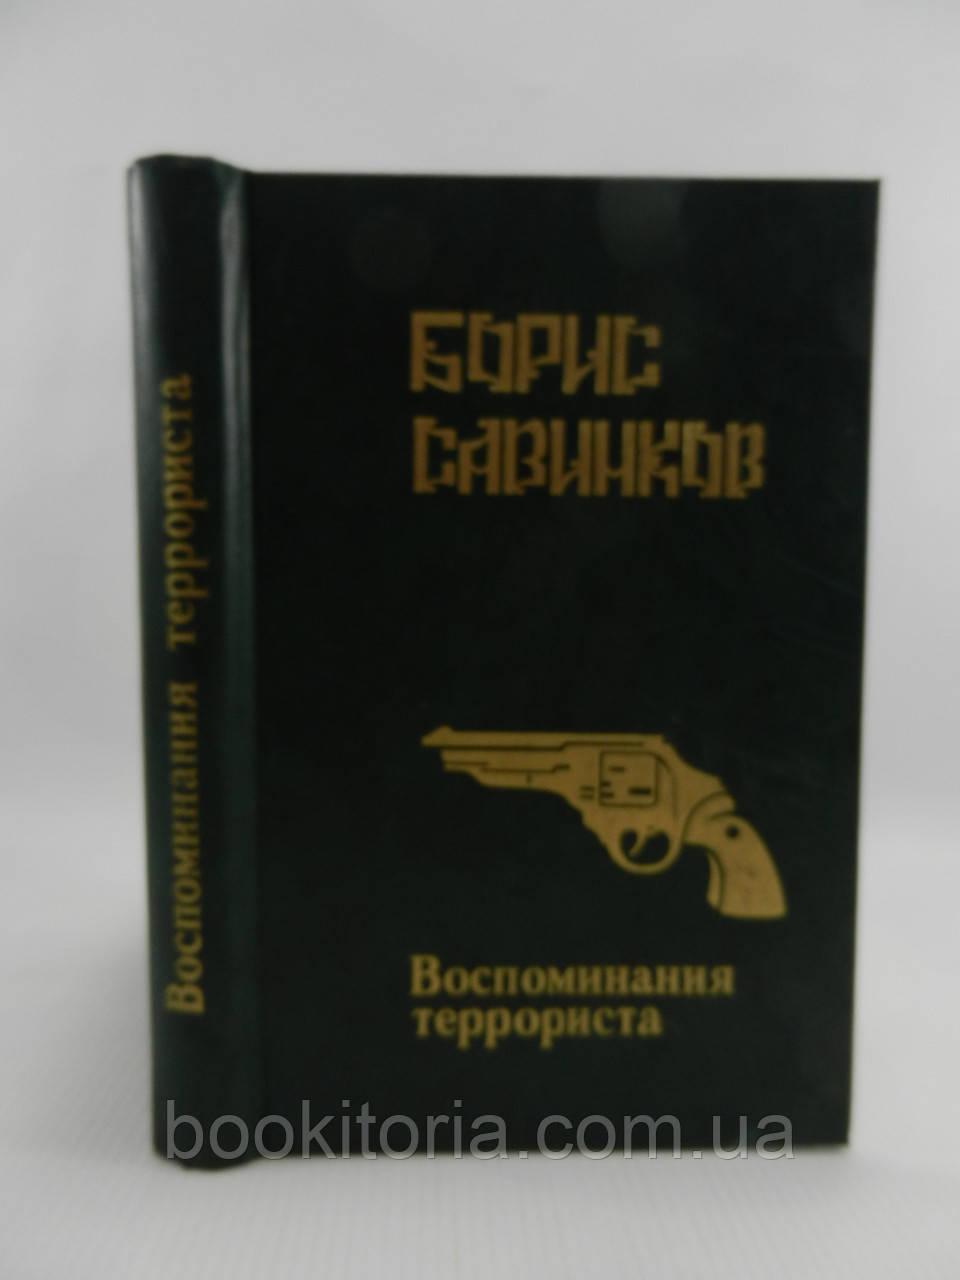 Савинков Б. Воспоминания террориста (б/у).